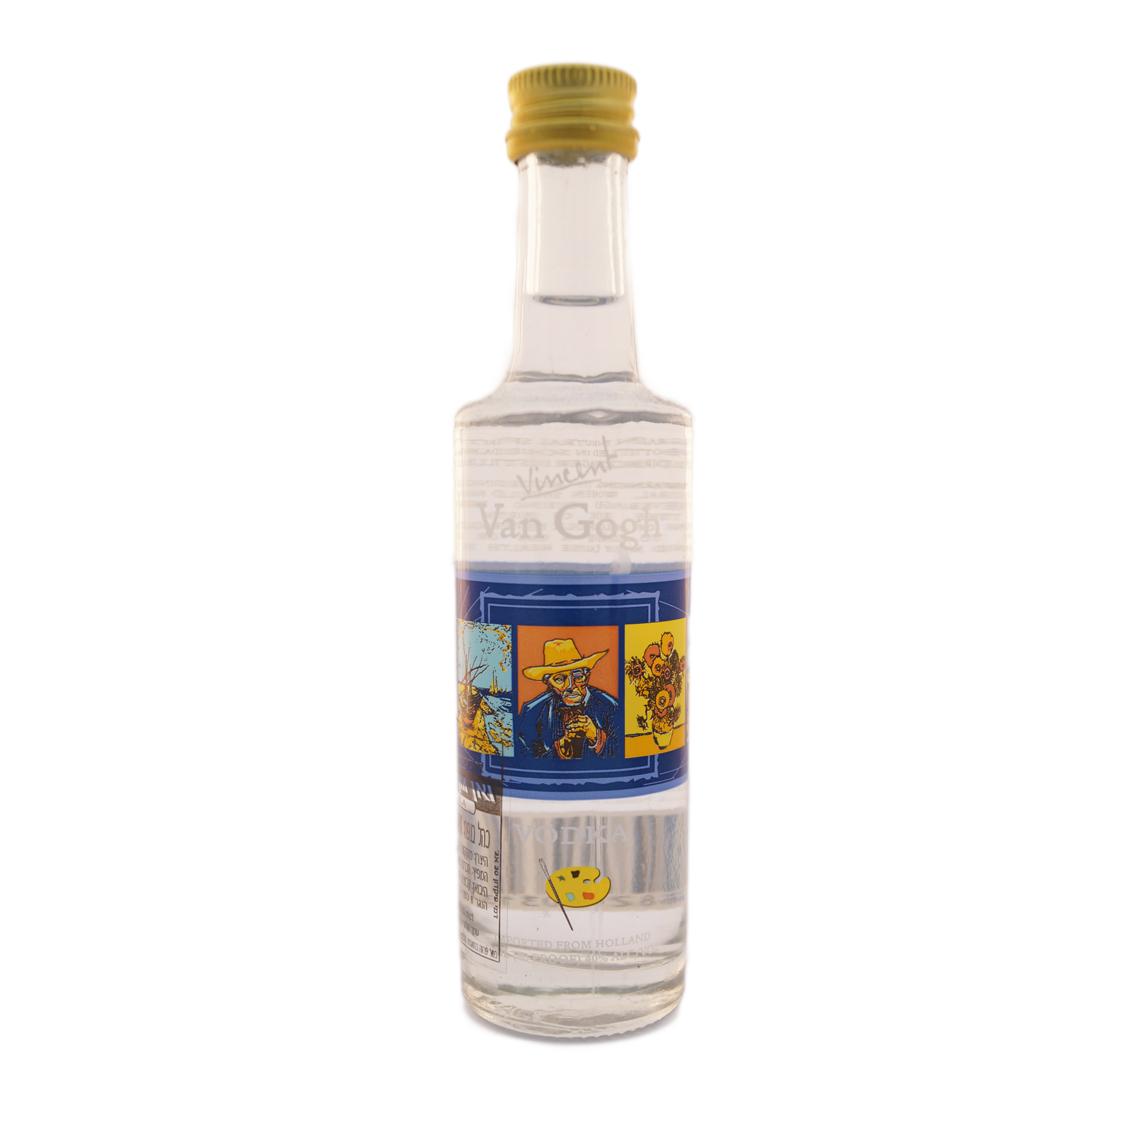 VODKA-VINCENT-VAN-GOGH-VODKA-6